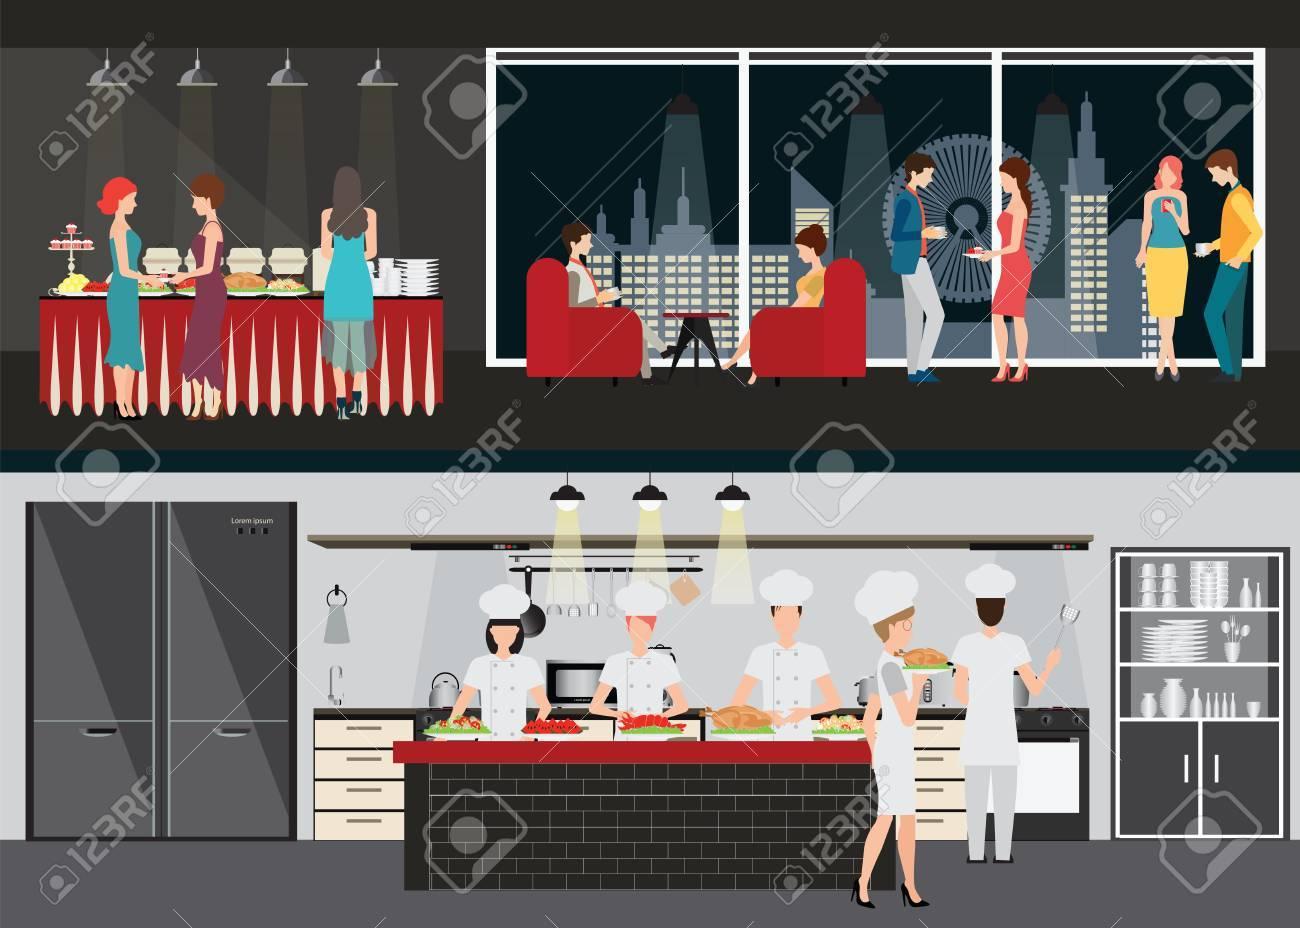 Küchen Inter Mit Koch Und Restaurant Inters, Esszimmer Und Tisch Oder Buffet  Am Abend Blick